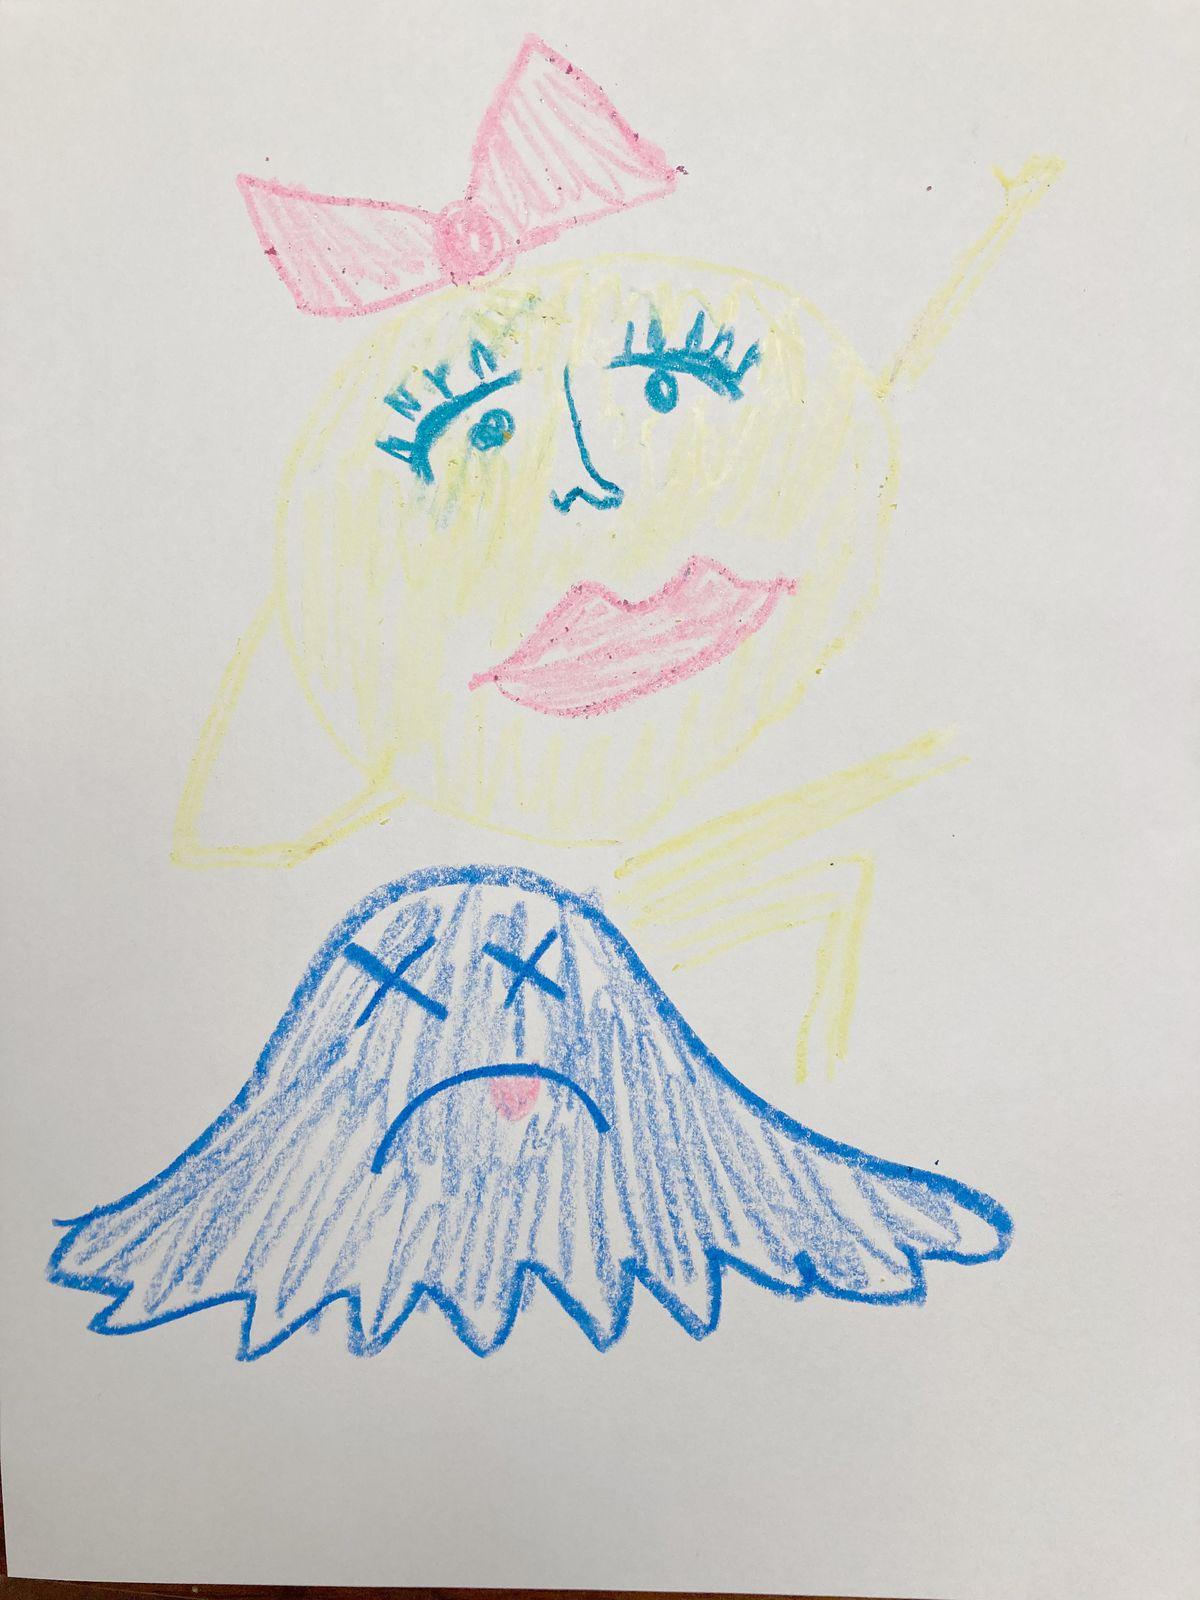 Un dibujo a lápiz de la Sra. Pac-Man celebrando su victoria, con la forma colapsada de un fantasma azul frente a ella.